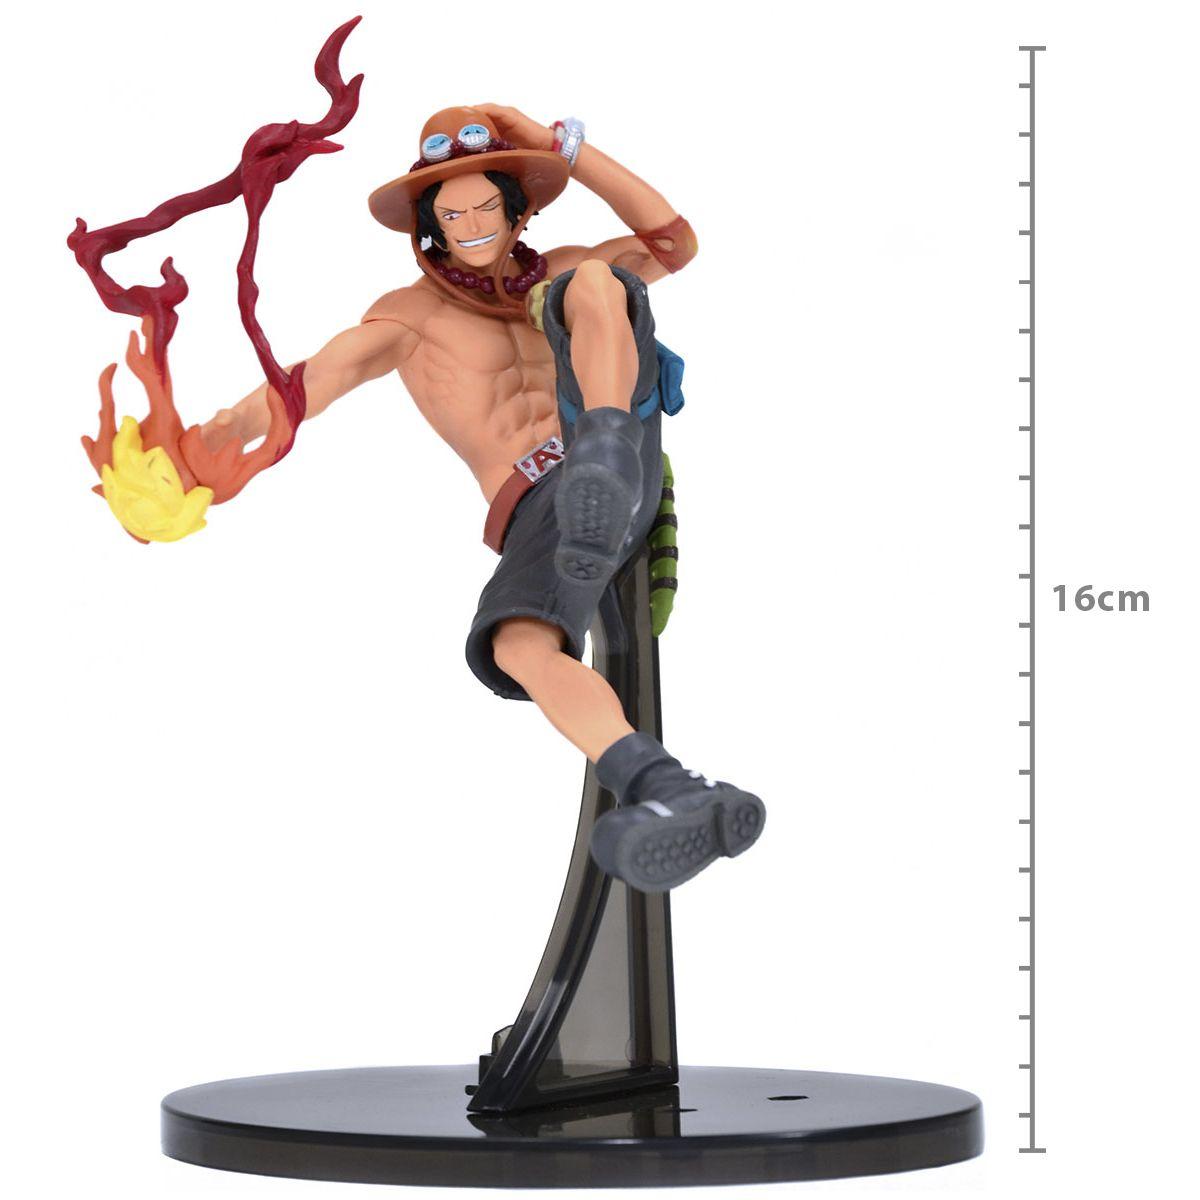 One Piece - Portgas D. Ace - One Piece SCultures - Bandai Banpresto